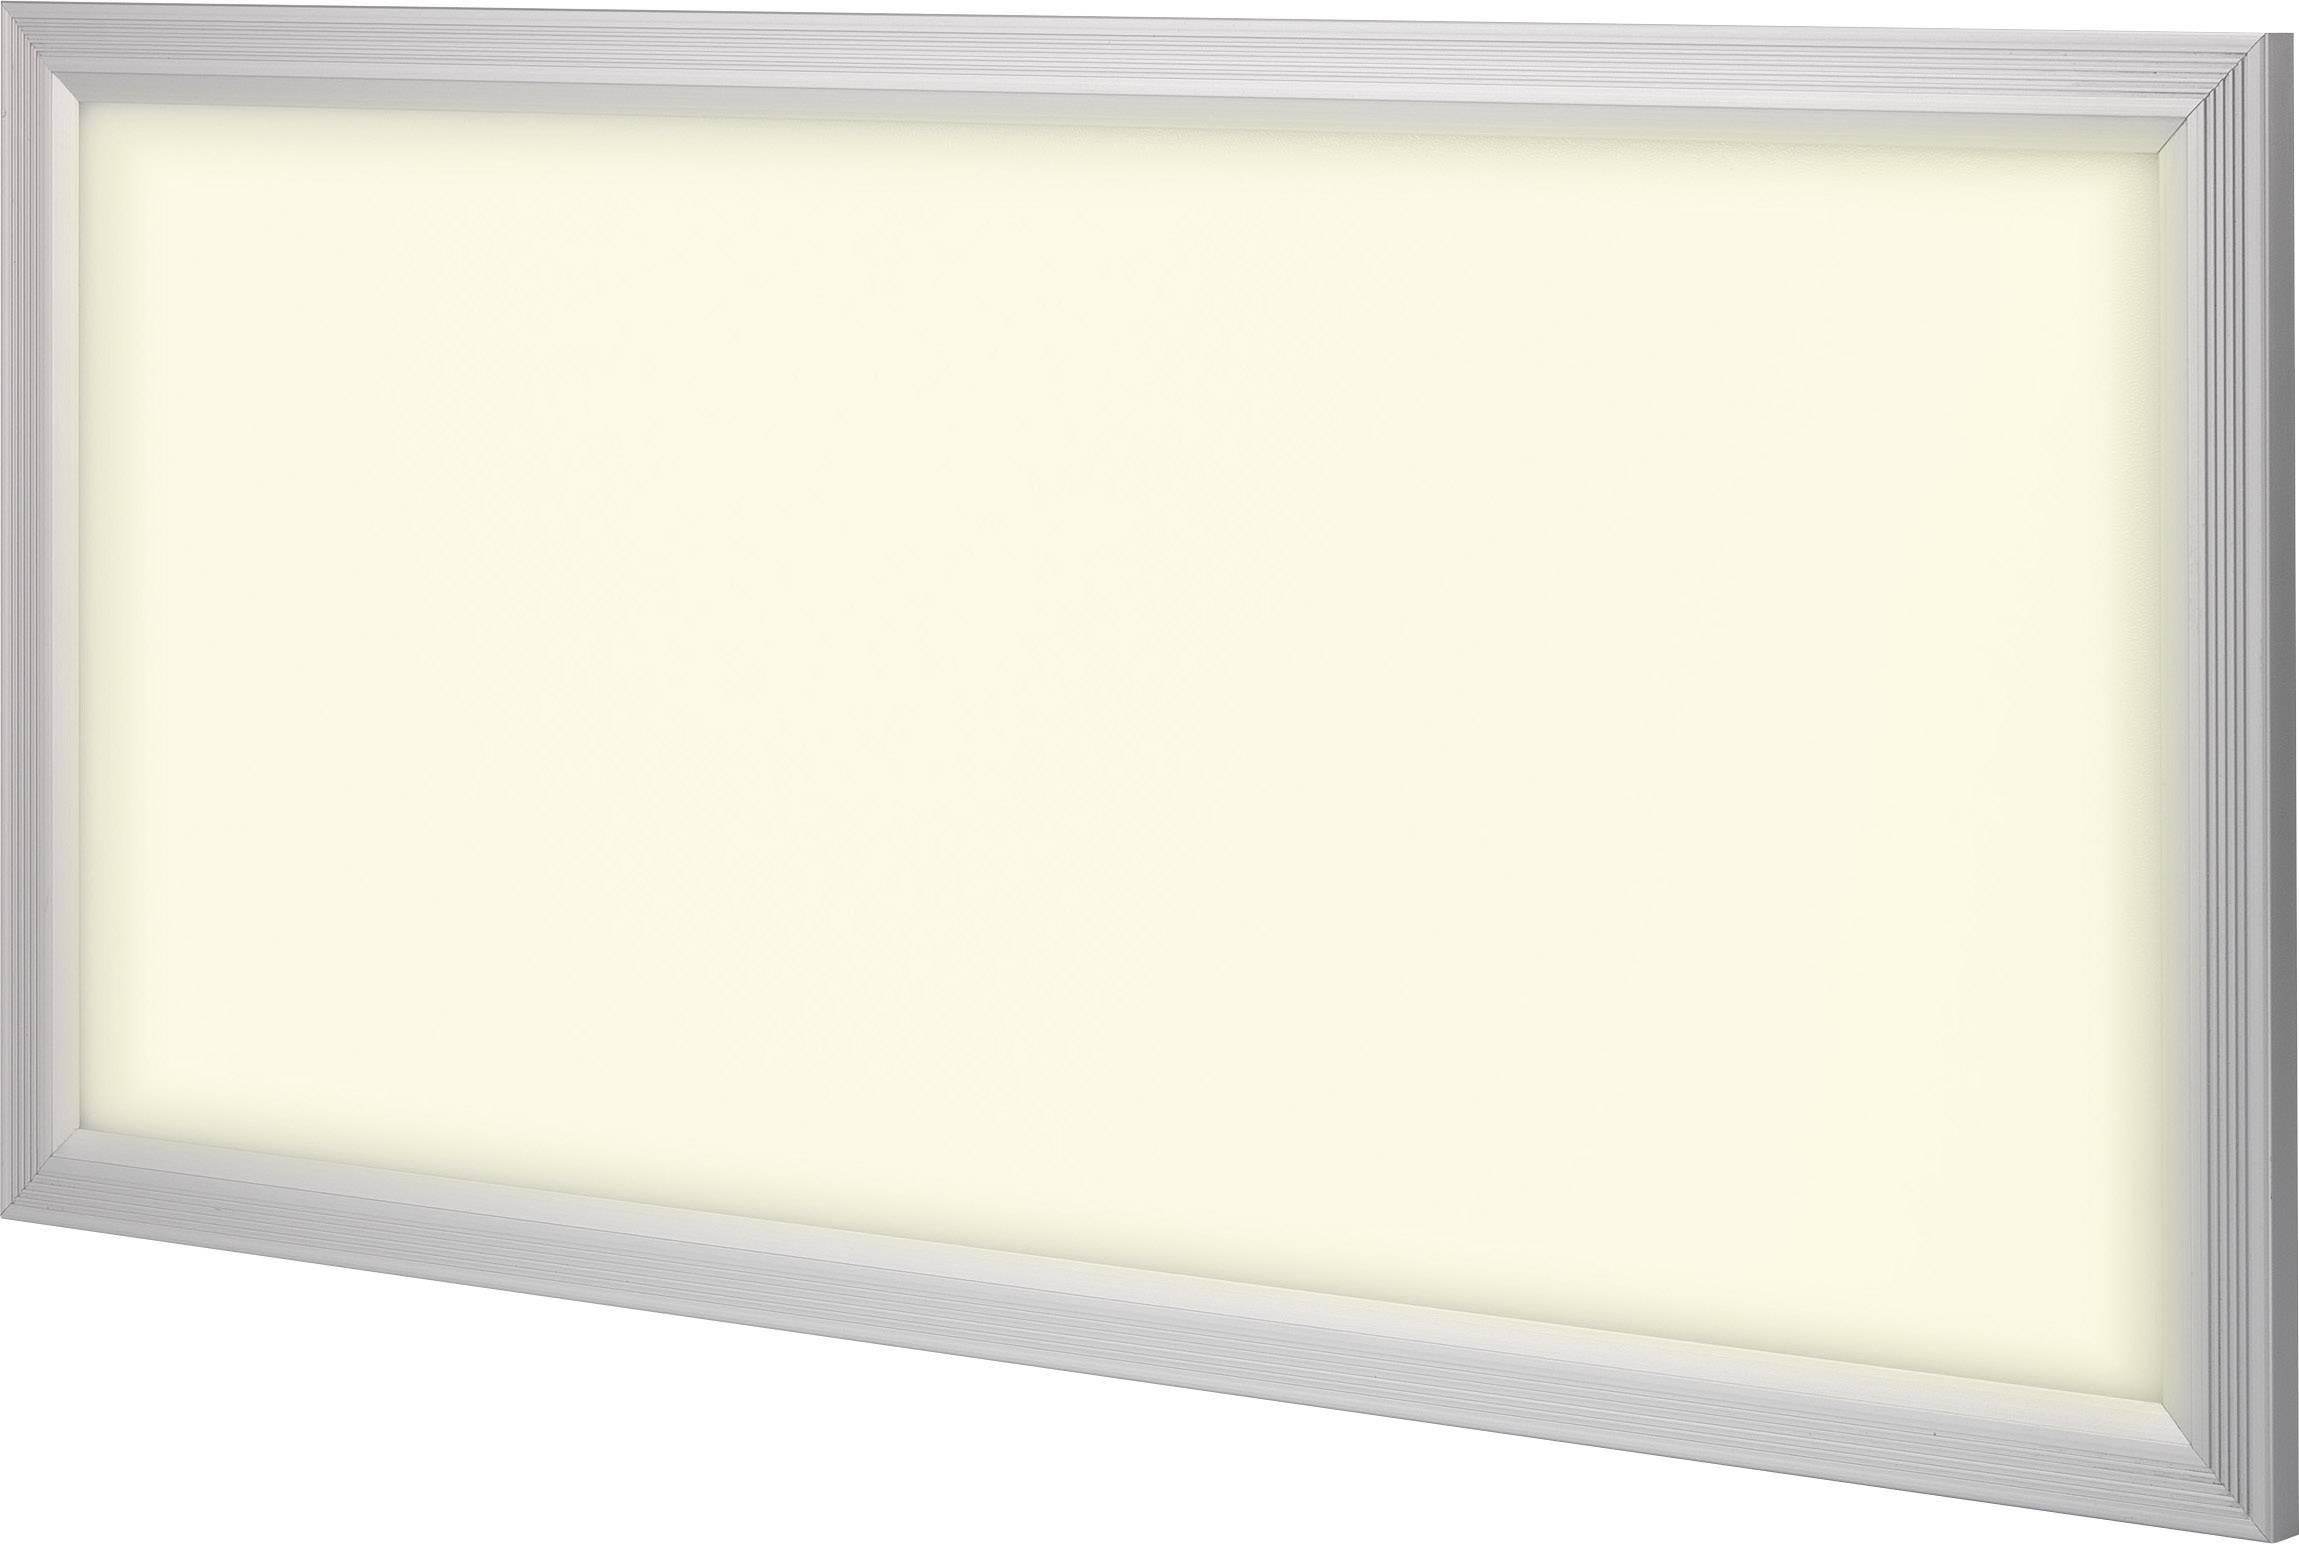 LED panel Renkforce Paterna 540c5 1170832, 36 W, teplá bílá, stříbrnošedá